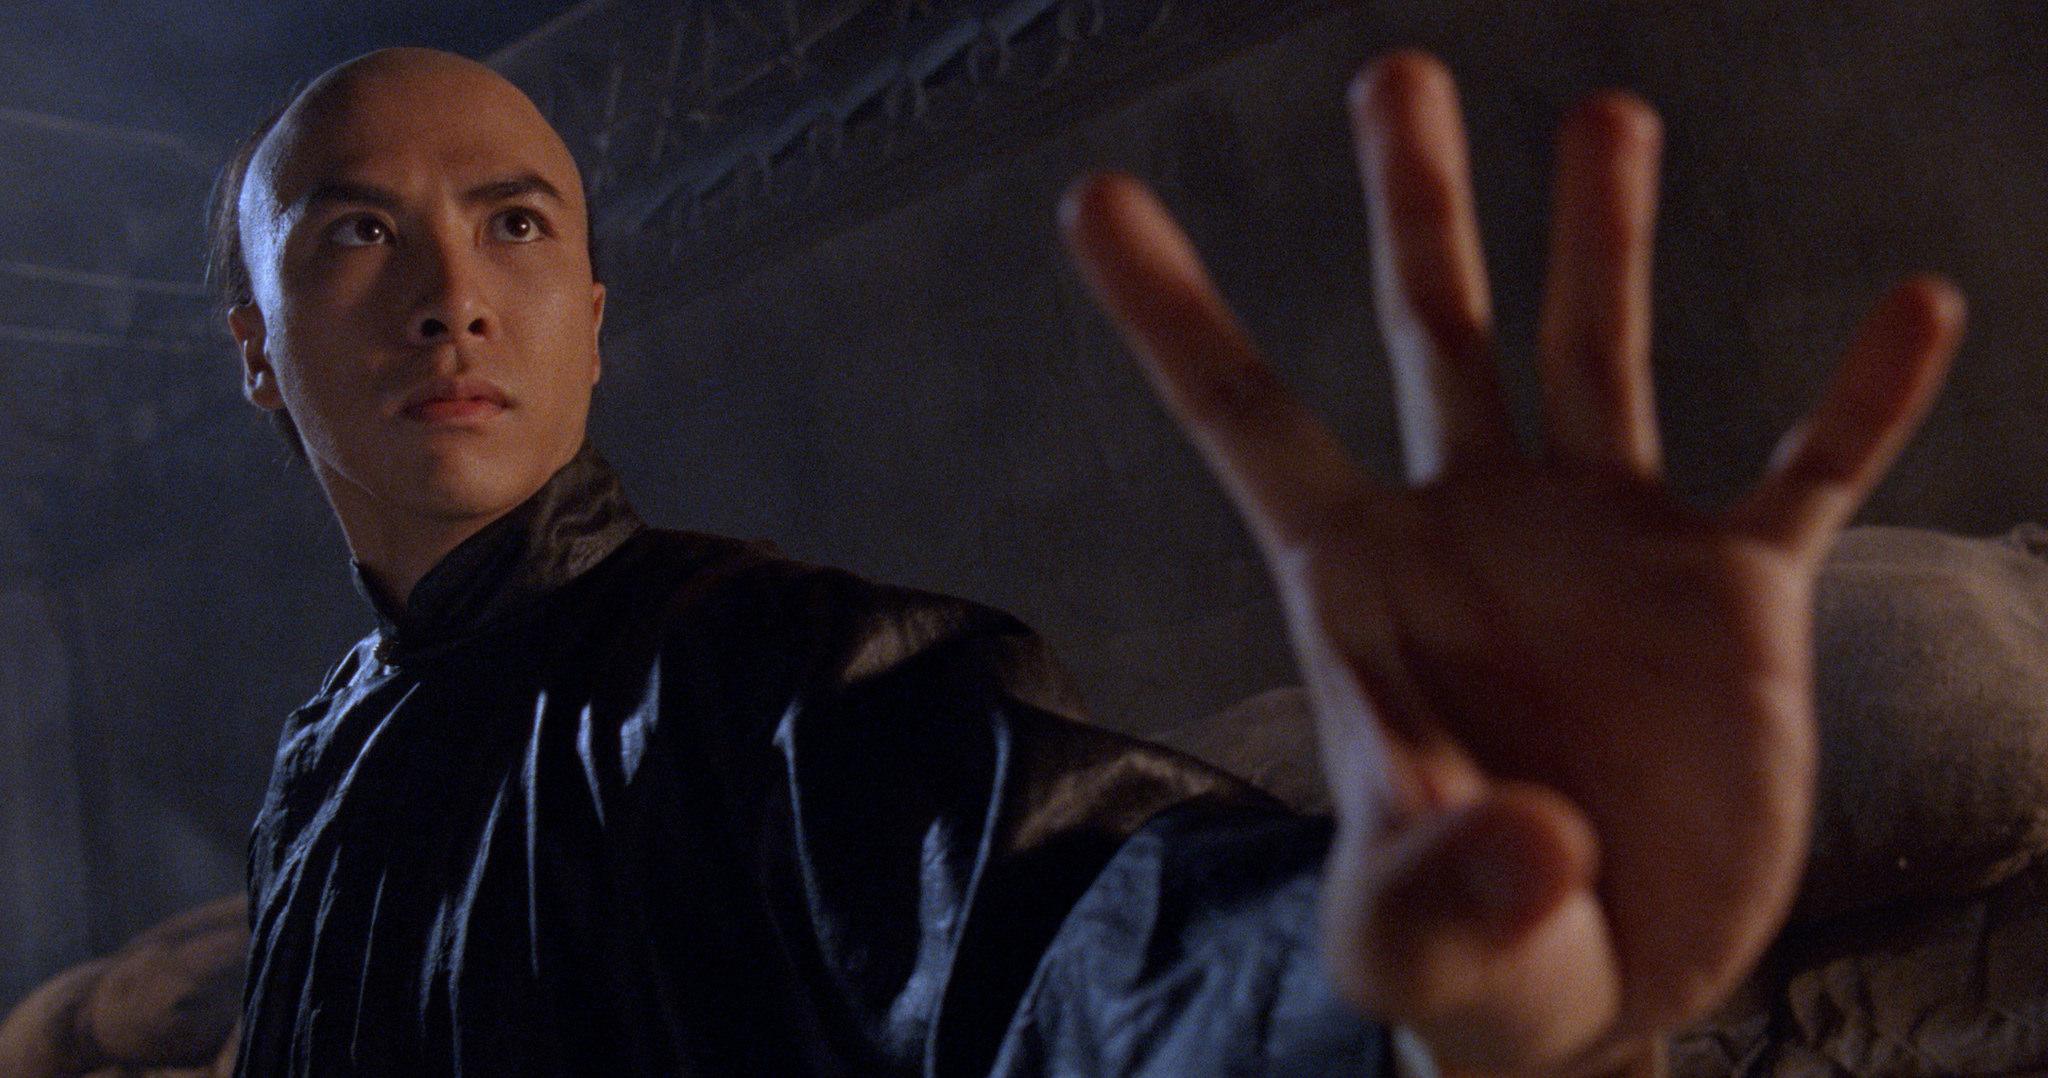 Yu Rong Guang as Iron Monkey